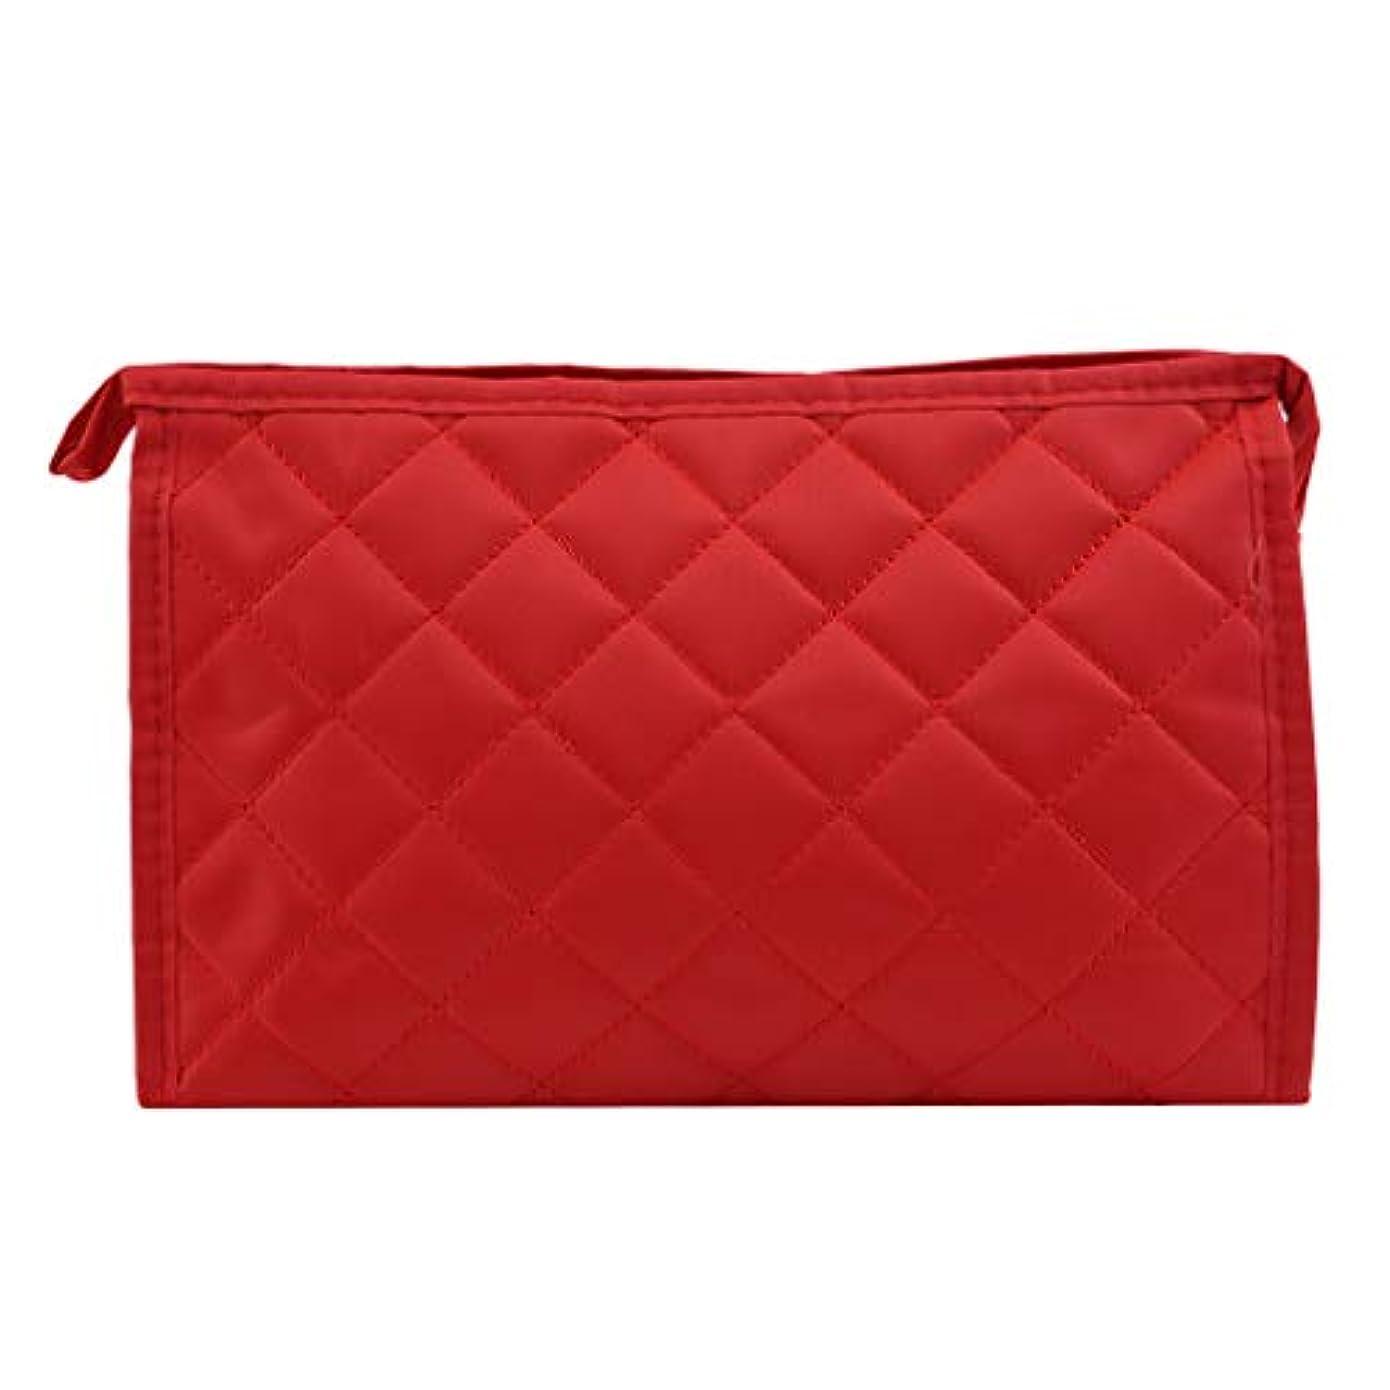 JIOLK 化粧ポーチ メイクポーチ ミニ 財布 機能的 大容量 化粧品収納 小物入れ 普段使い 出張 旅行 メイク ブラシ バッグ 化粧バッグ